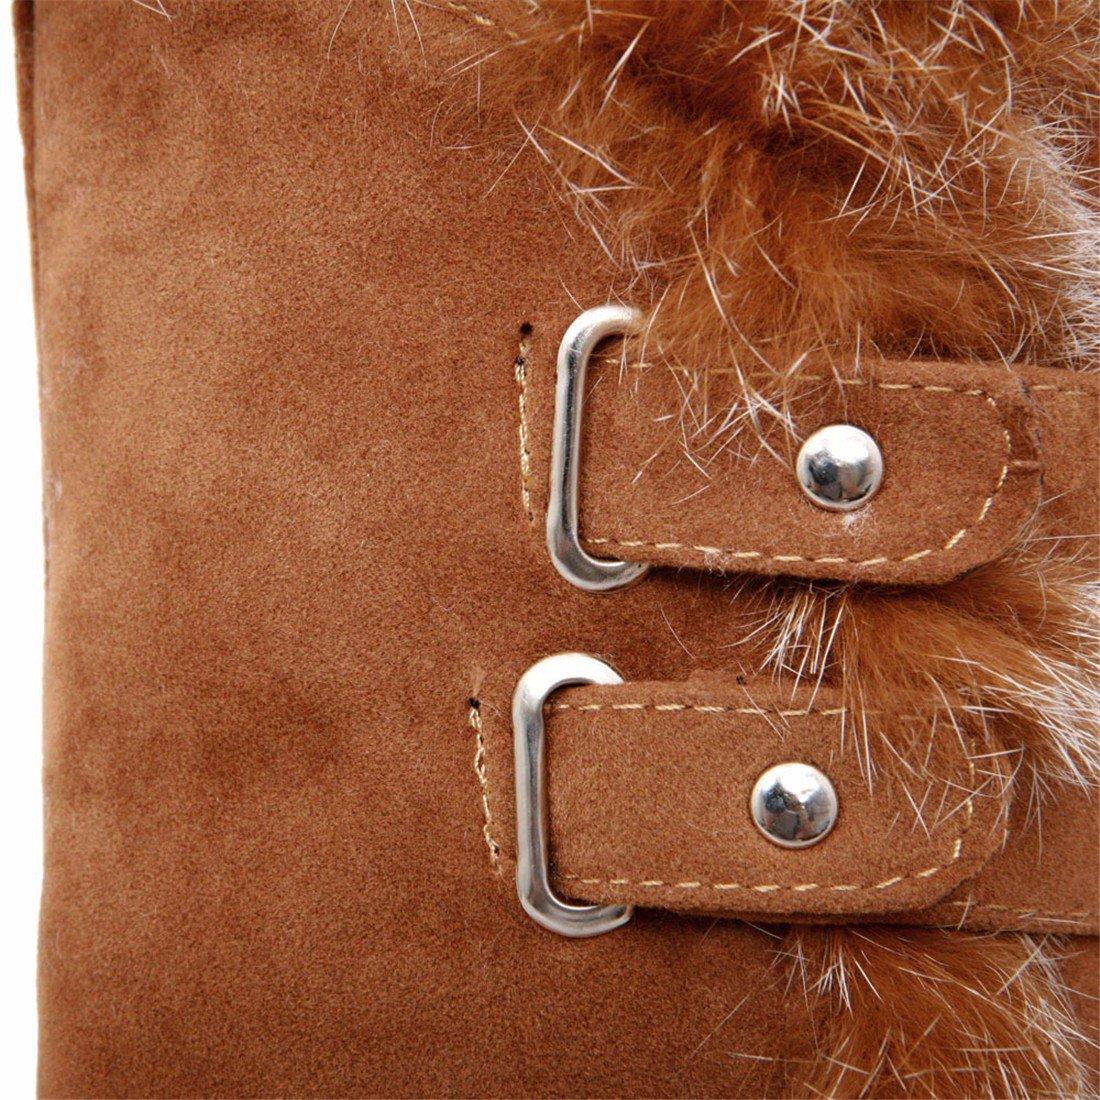 RFF-Woherren Wedge schuhe Wedge RFF-Woherren Heel, Cotton Stiefel, medium Stiefel, warm Winter Stiefel 20190f